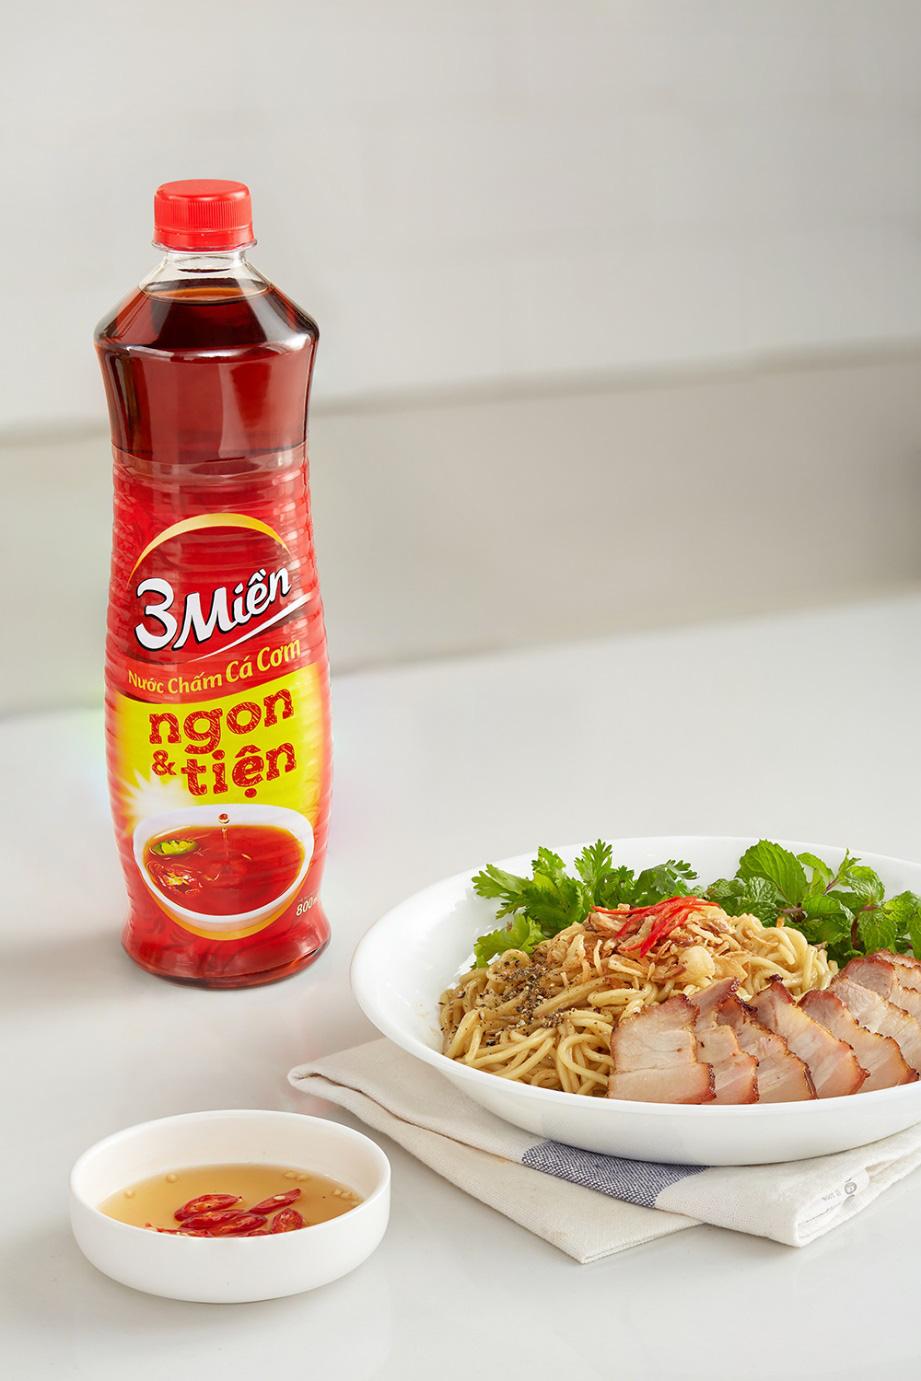 Biến tấu đặc sản Quảng Nam cùng công thức thịt xíu mắm trộn mì vàng của chef Tuyết Phạm - Ảnh 1.